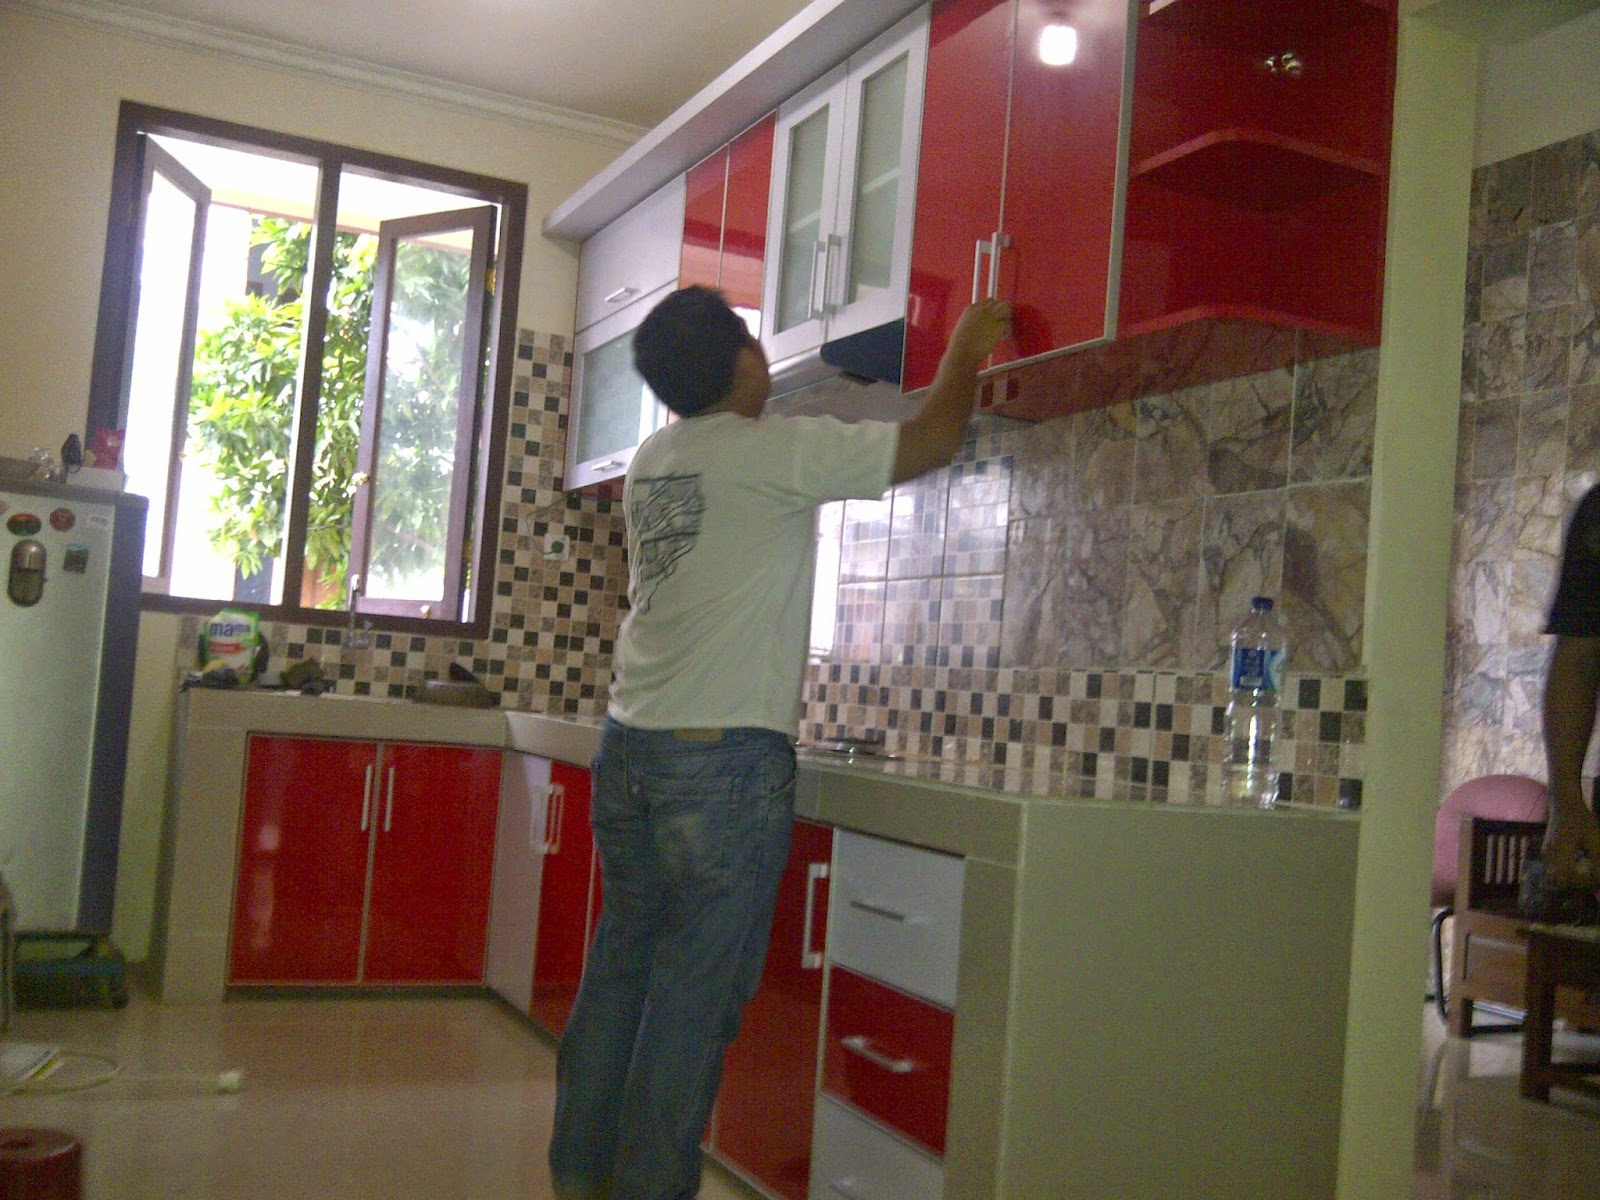 Jasa pembuatan kitchen set murah minimalis berkualitas for Jasa buat kitchen set